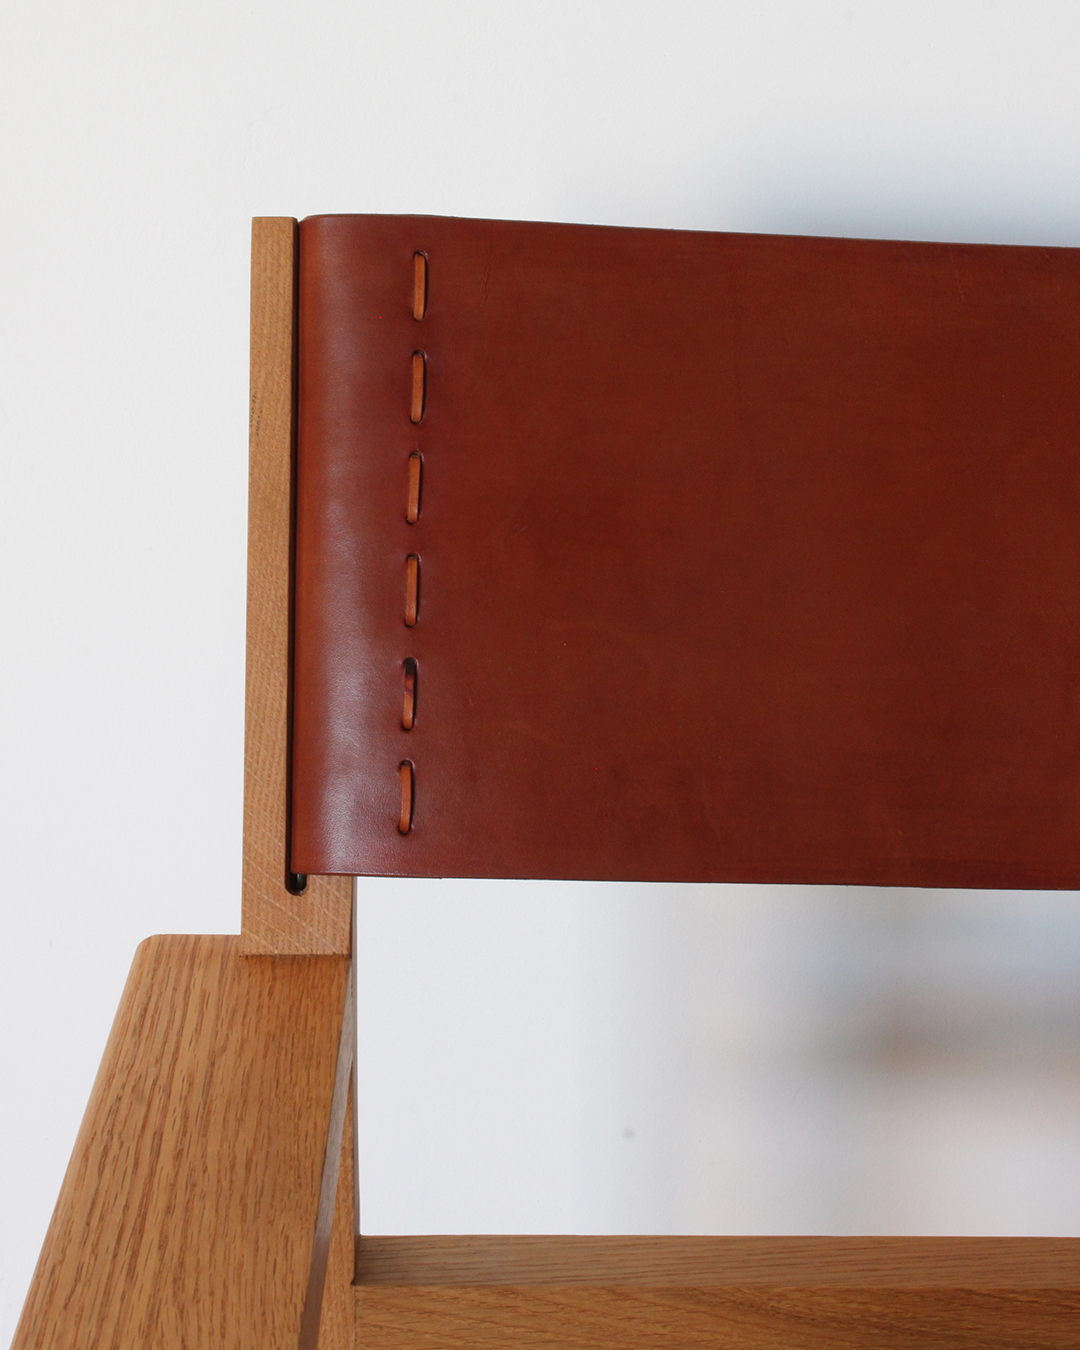 oak_lounge_chair6.jpg